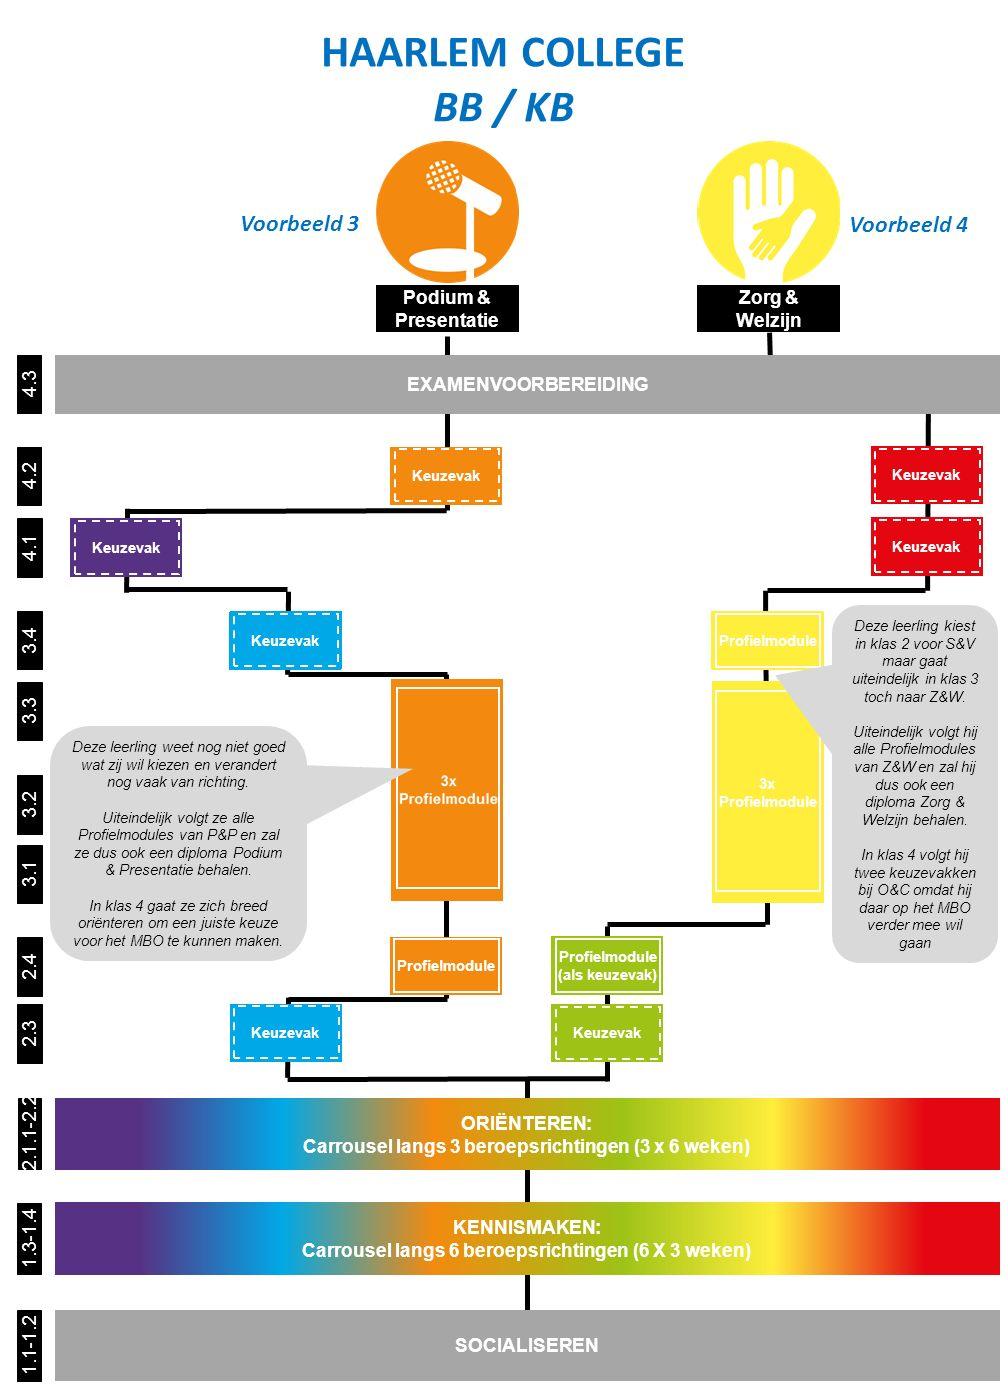 Keuzevak of Profielmodule Zorg & Welzijn Podium & Presentatie 4.3 4.2 3.4 3.3 3.2 3.1 4.1 1.1-1.2 SOCIALISEREN 2.4 HAARLEM COLLEGE BB / KB 1.3-1.4 2.1